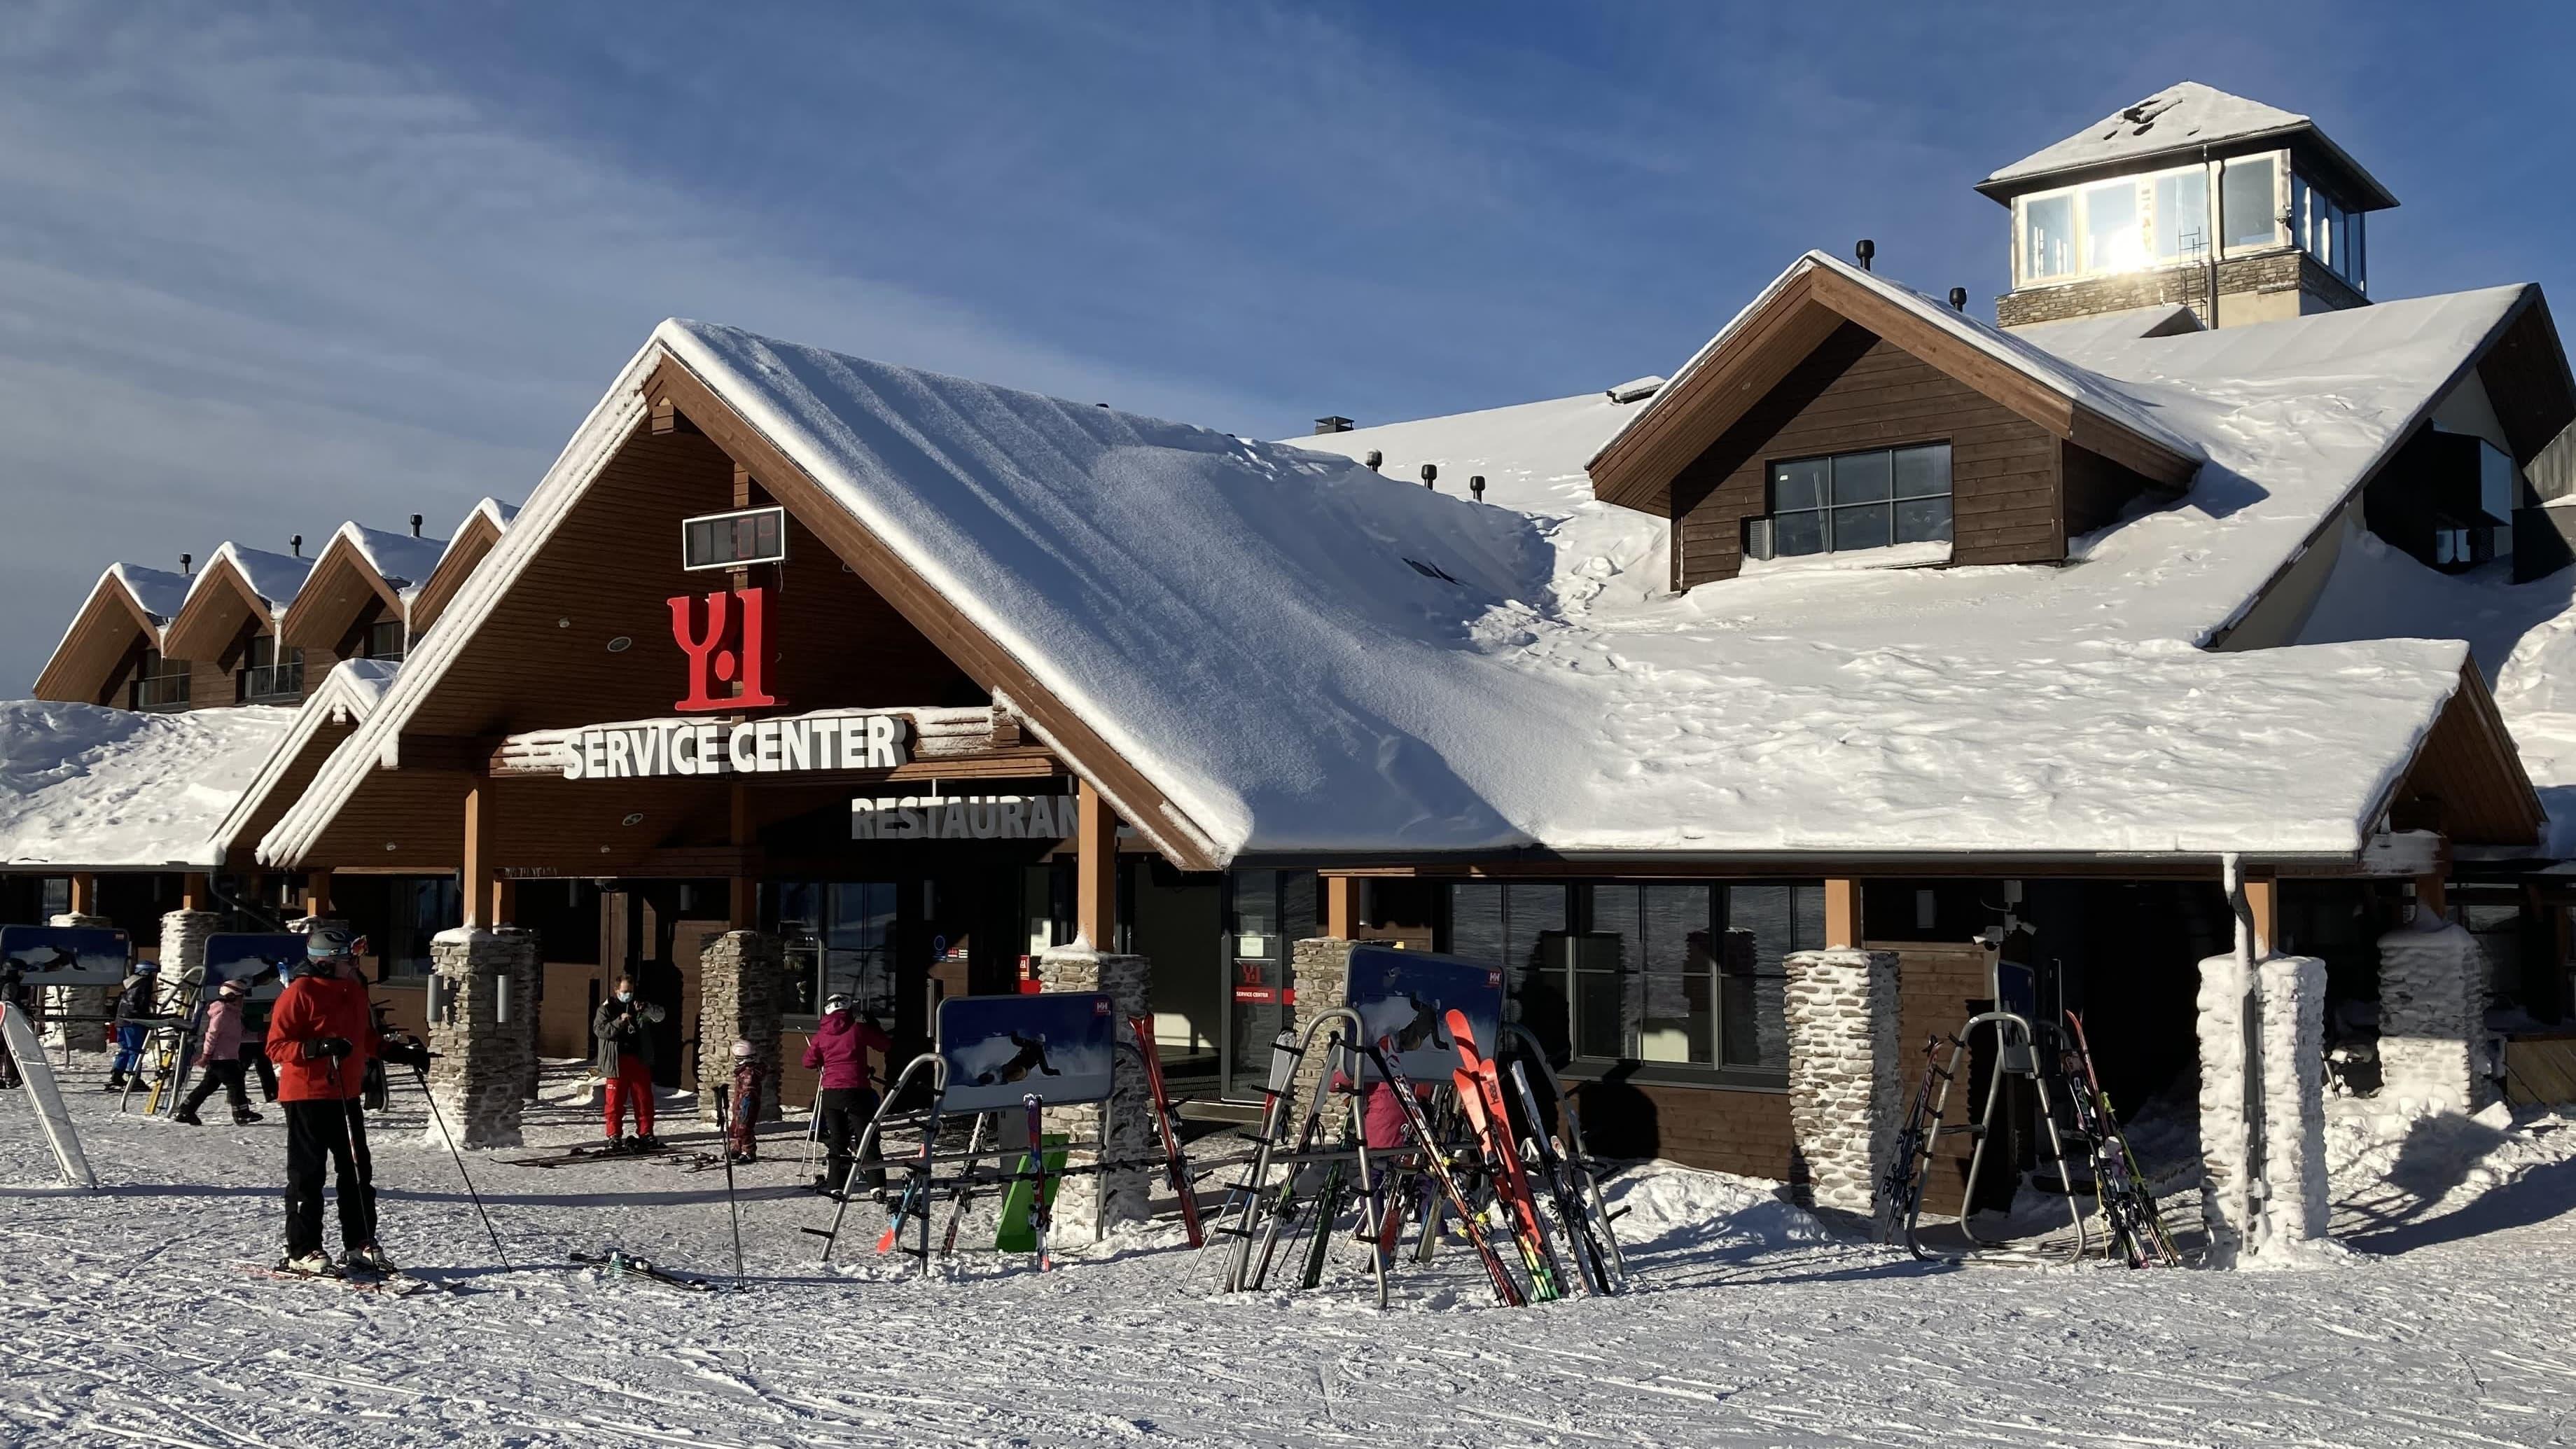 Ylläksen hiihtokeskuksen kahvila- ja suksivuokraamorakennus